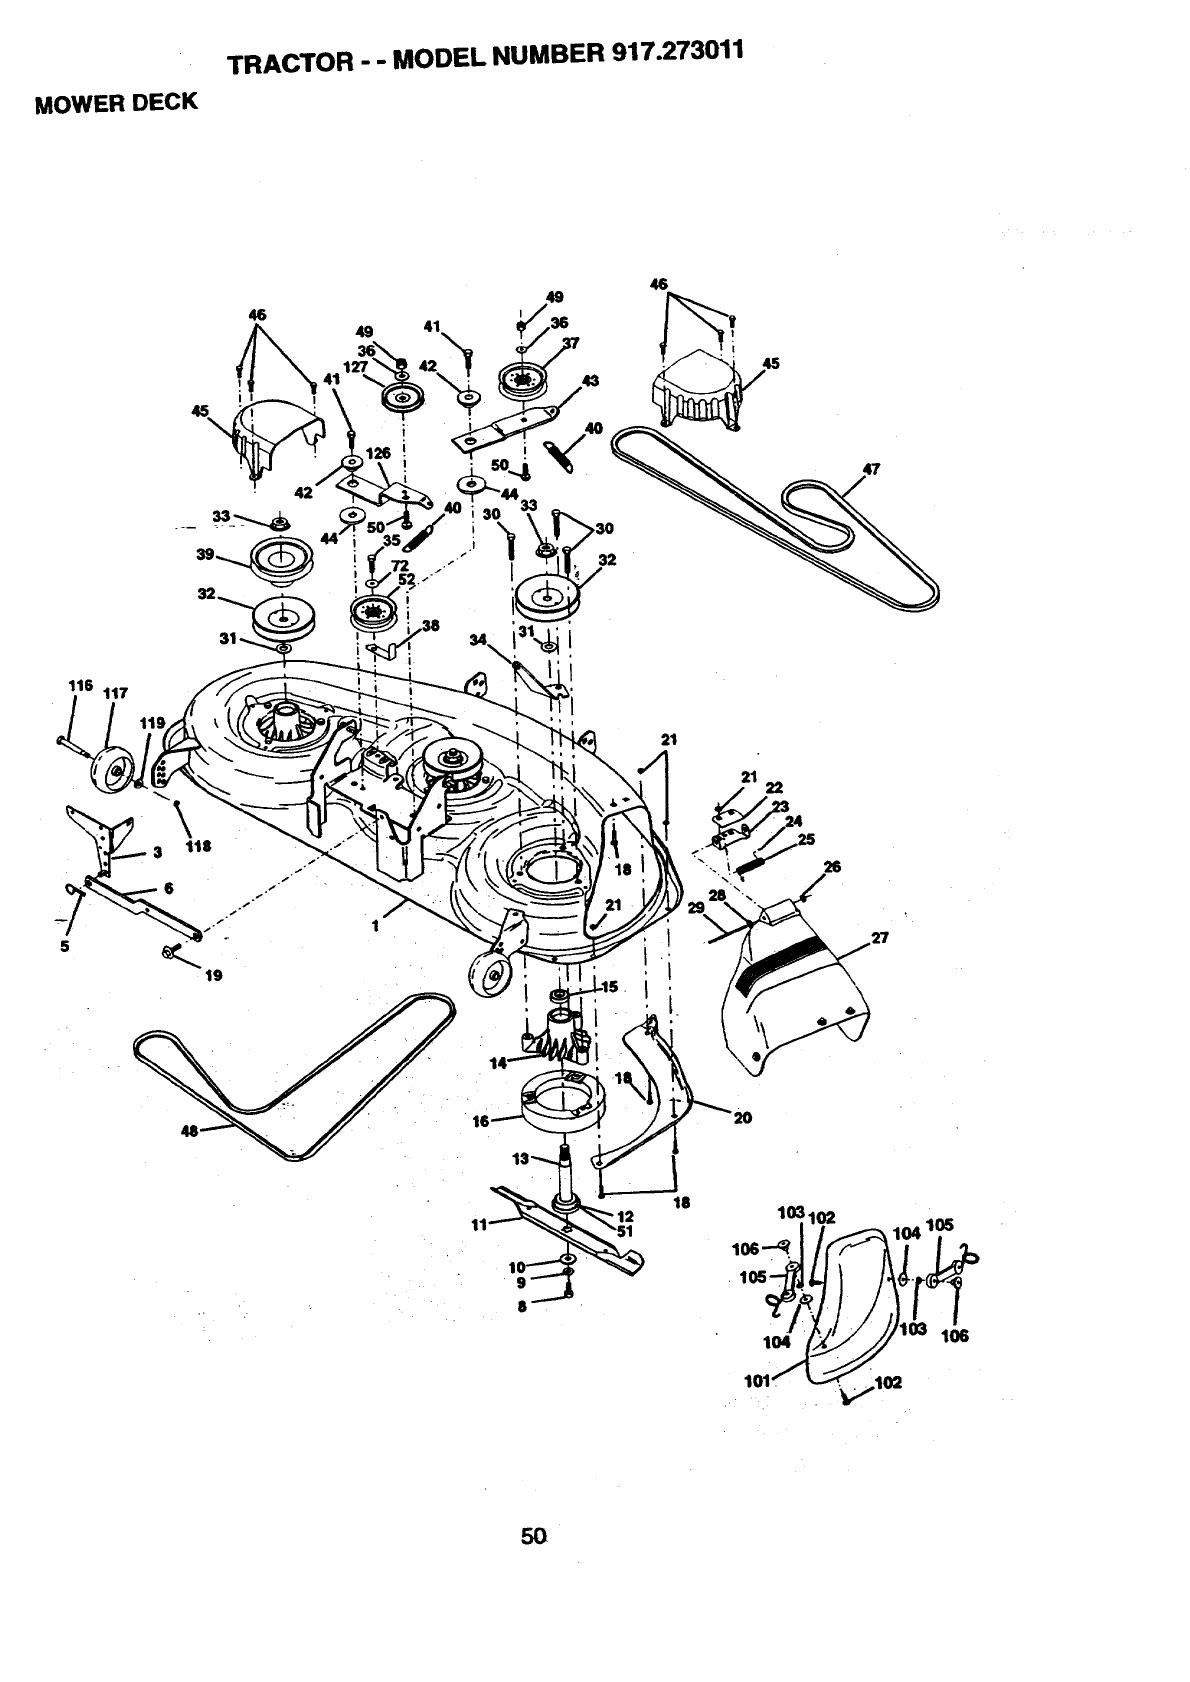 Craftsman 917273011 User Manual 20 HP ELECTRIC START 6